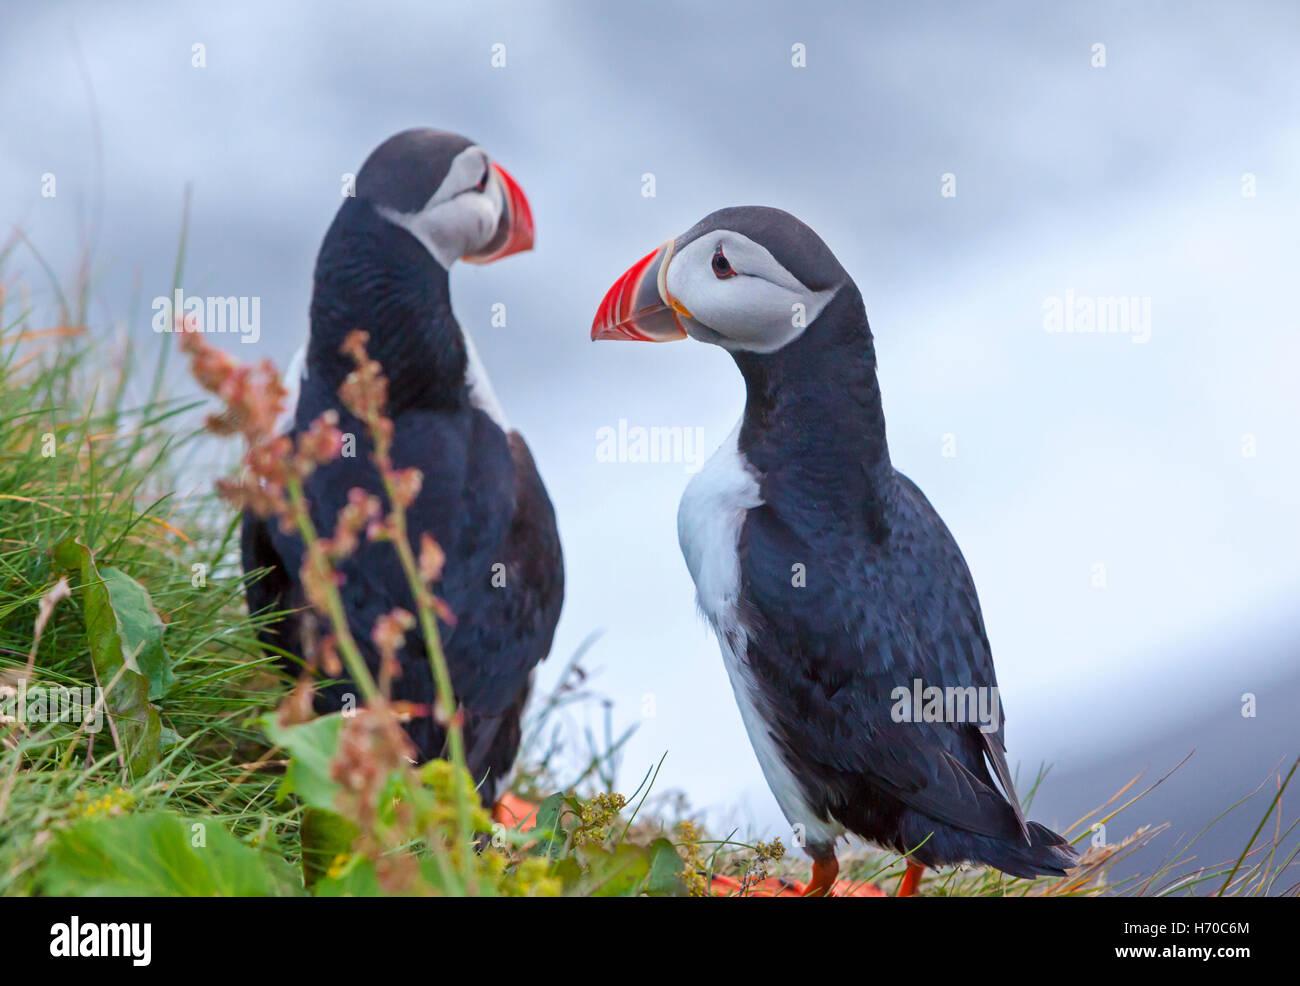 Eine Gruppe von Puffins (Papageientaucher Vögel) in Island. Stockbild